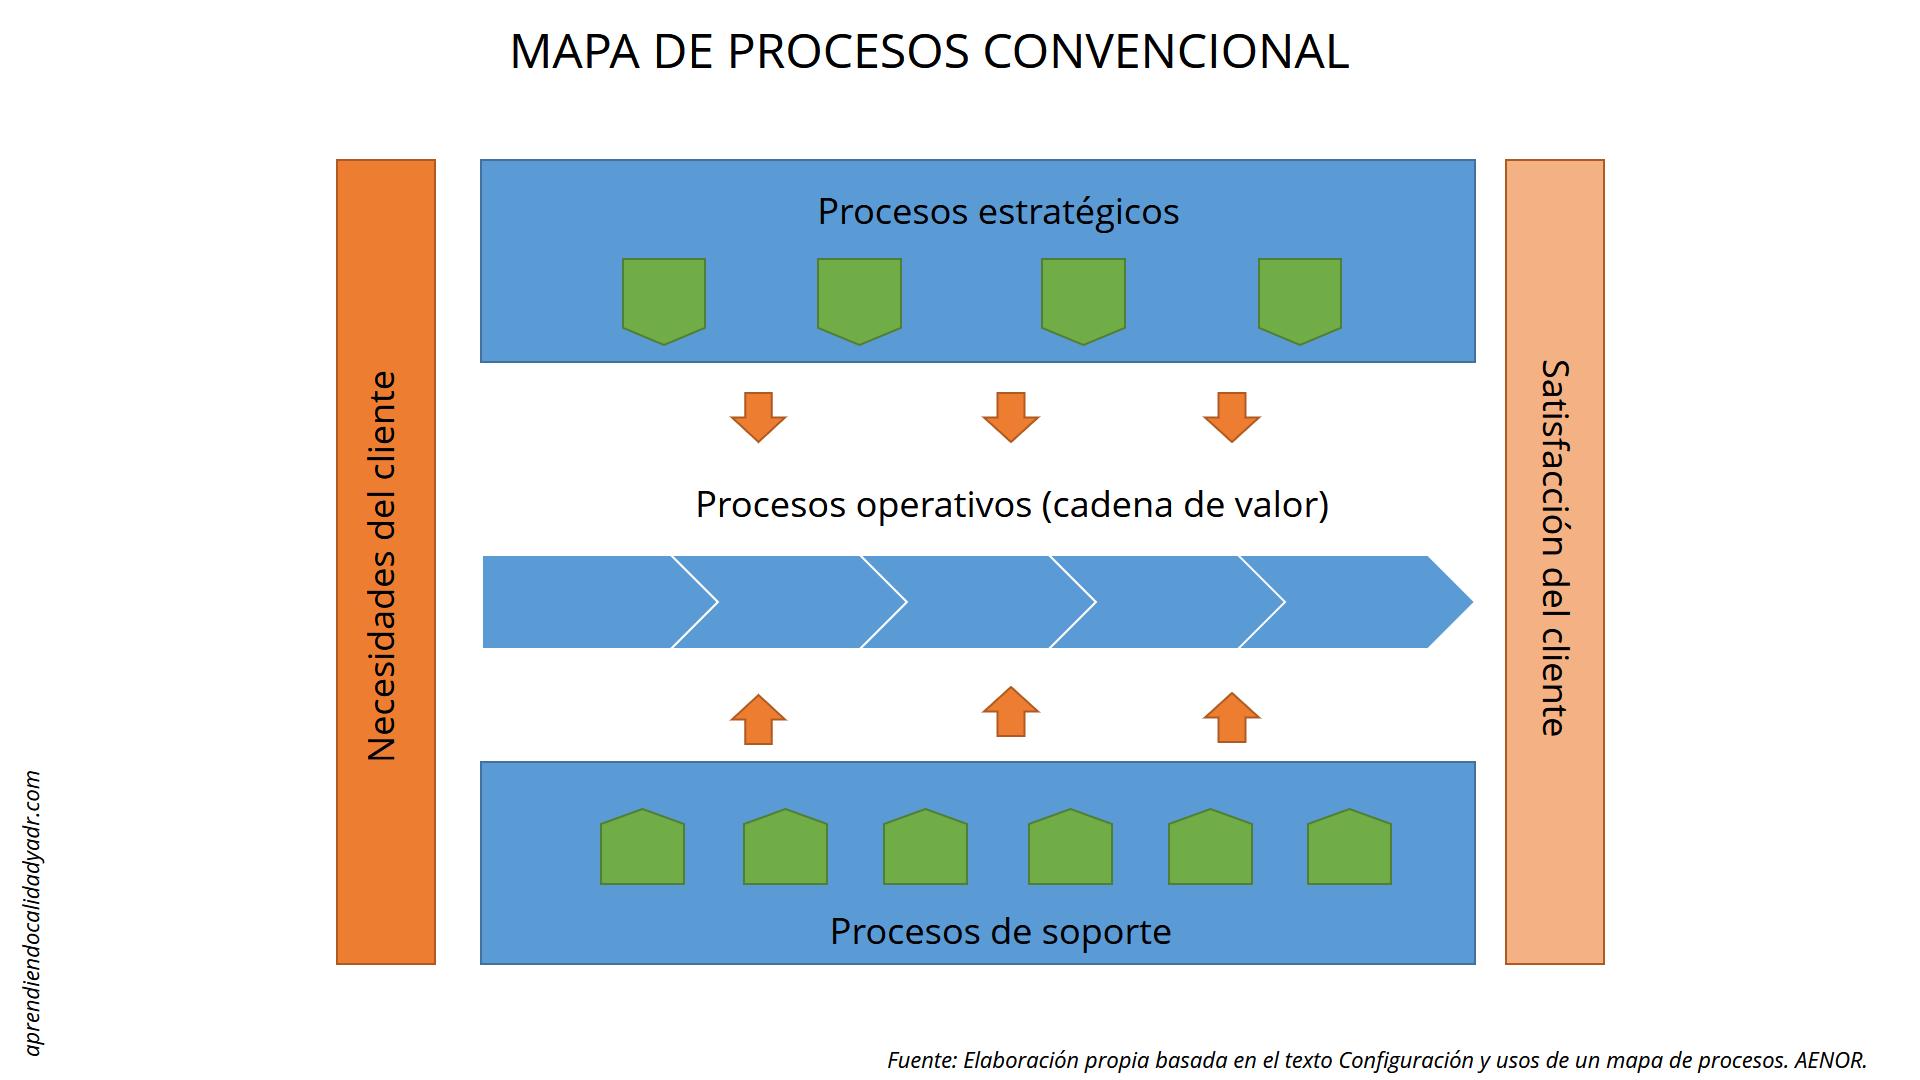 mapa de procesos convencional - Calidad y ADR